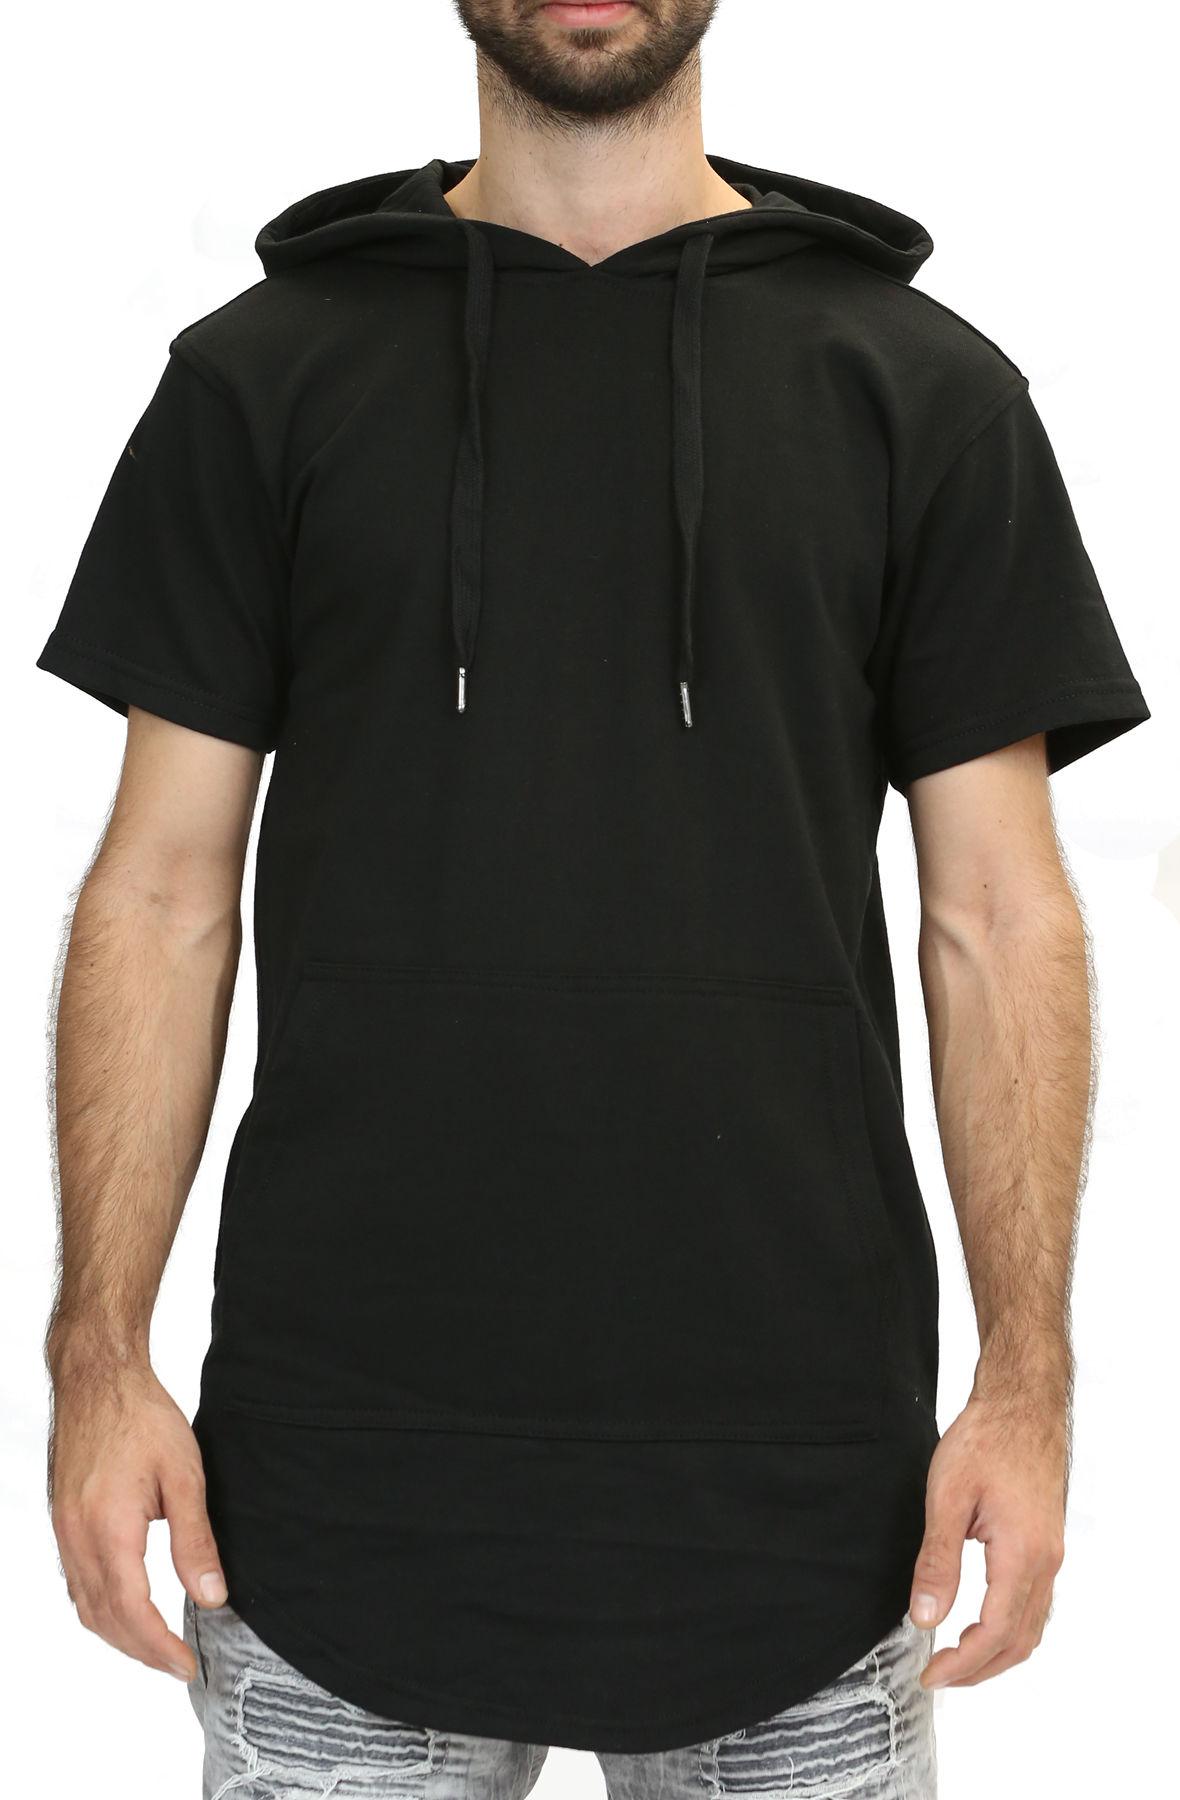 Image of Elongated Hoodie in Black / Short Sleeve